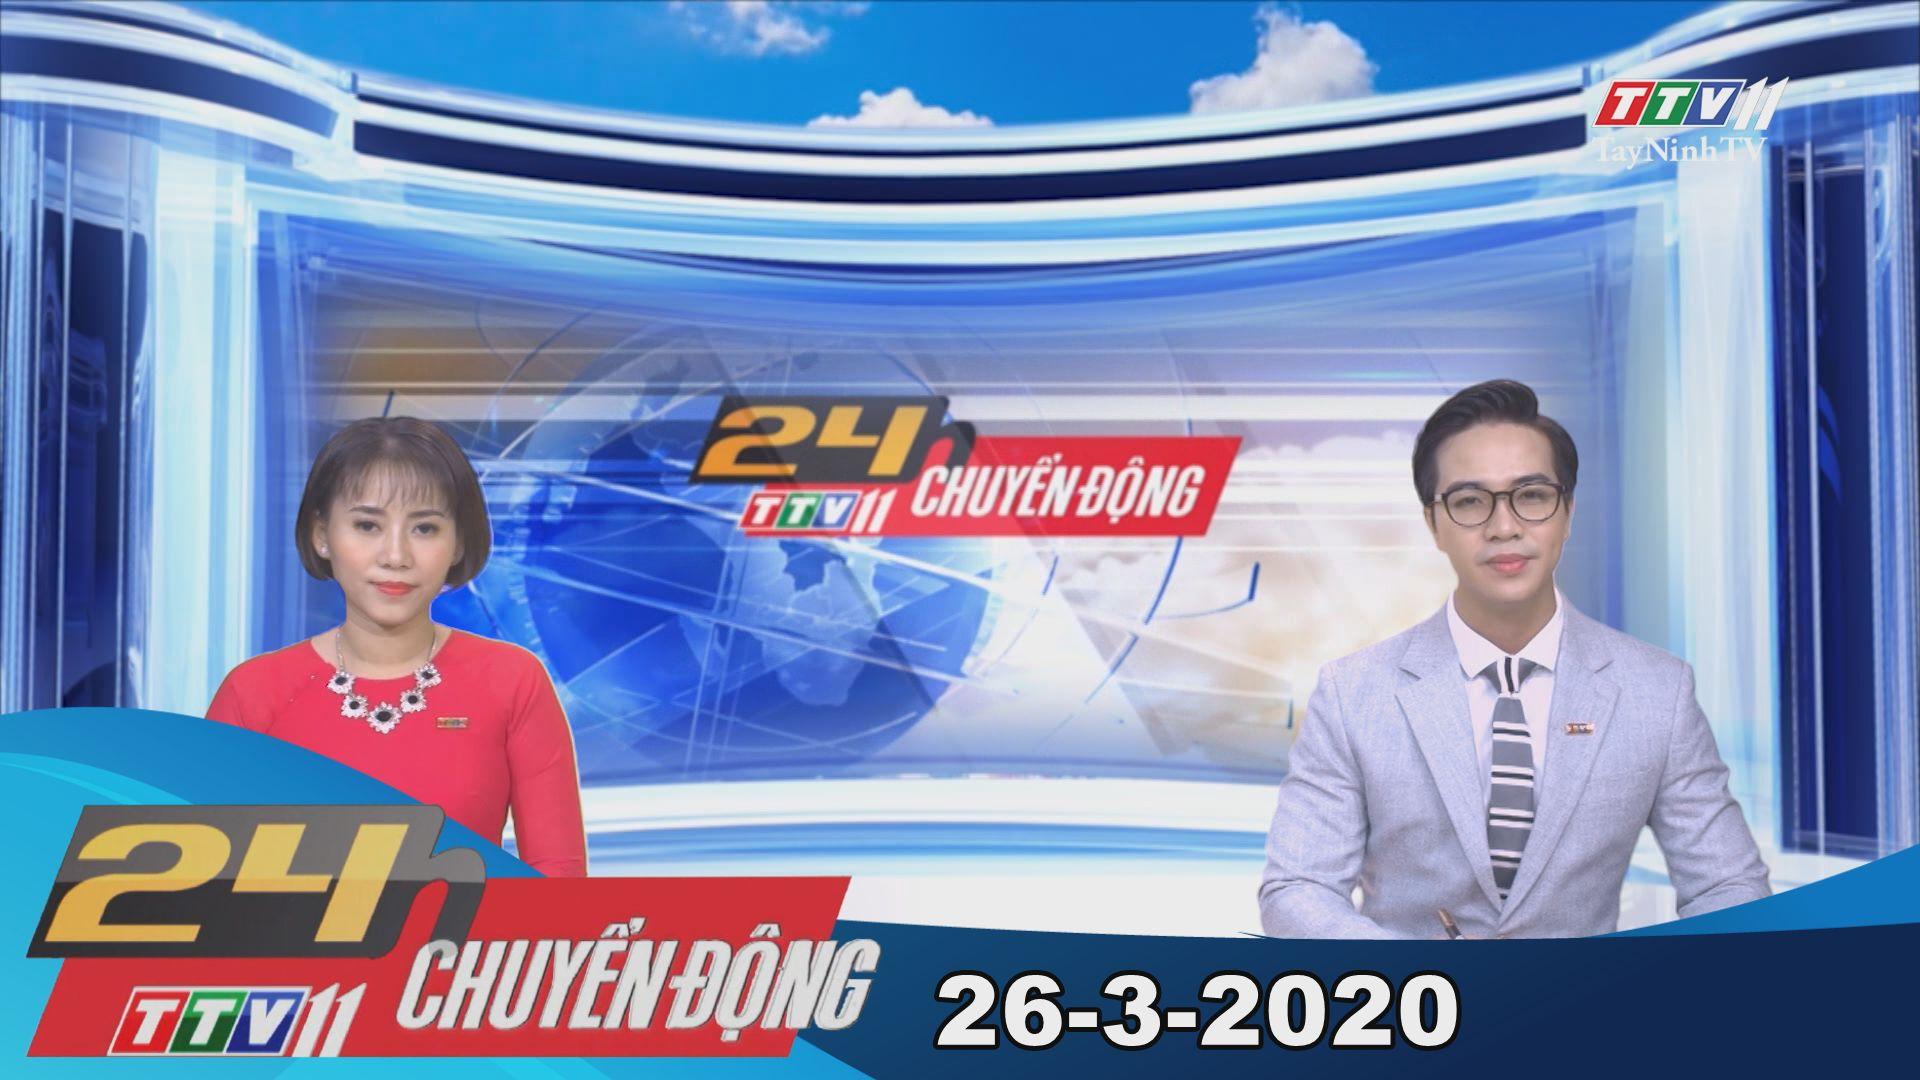 24h Chuyển động 26-3-2020 | Tin tức hôm nay | TayNinhTV